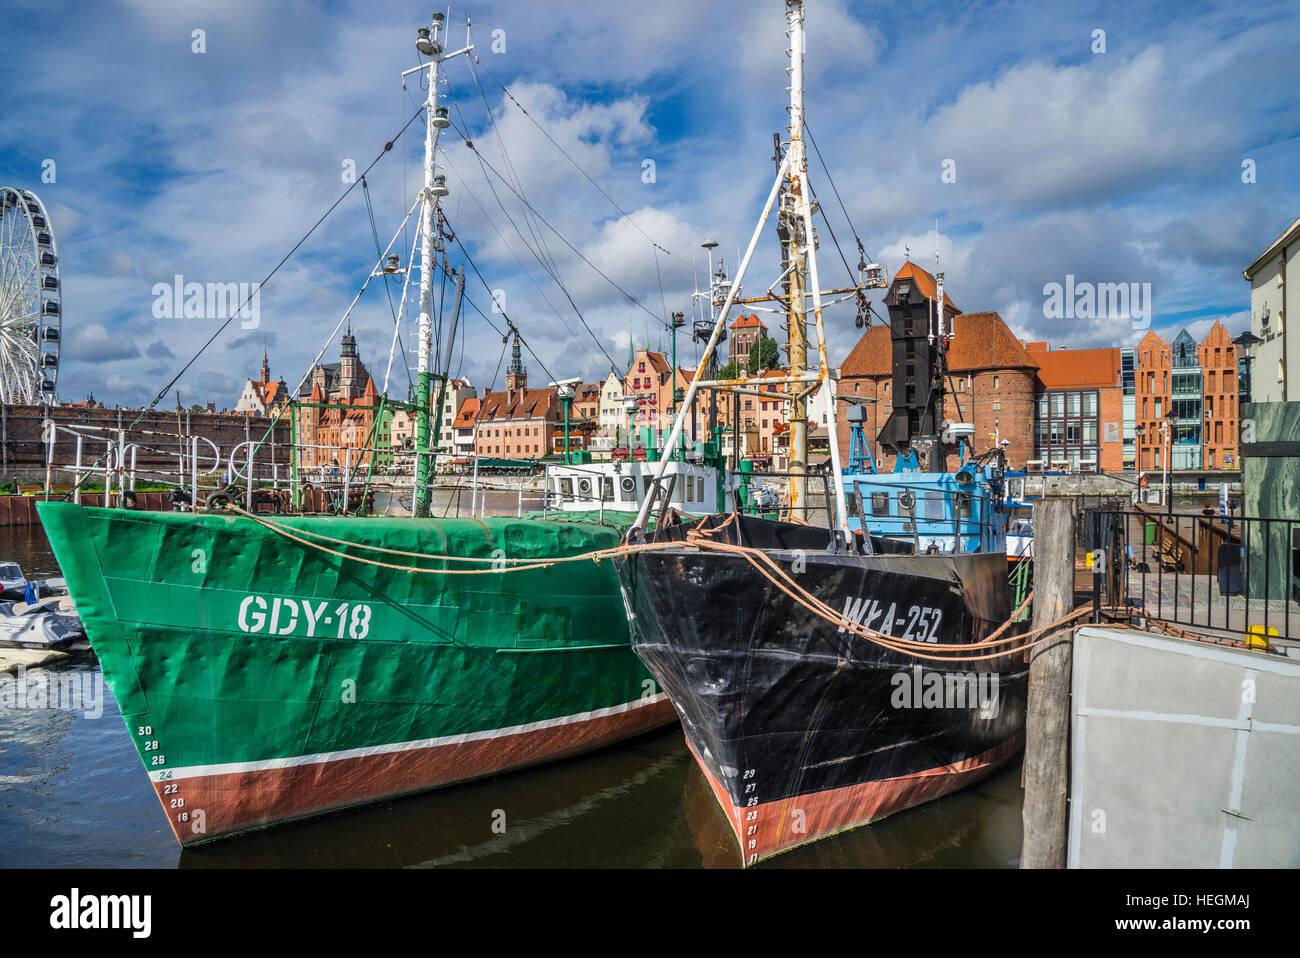 Polonia, Pomerania, Gdansk (Danzica), vintage navi da pesca a Olowianka Isola (Bleihof) con vista del porto medievale Foto Stock